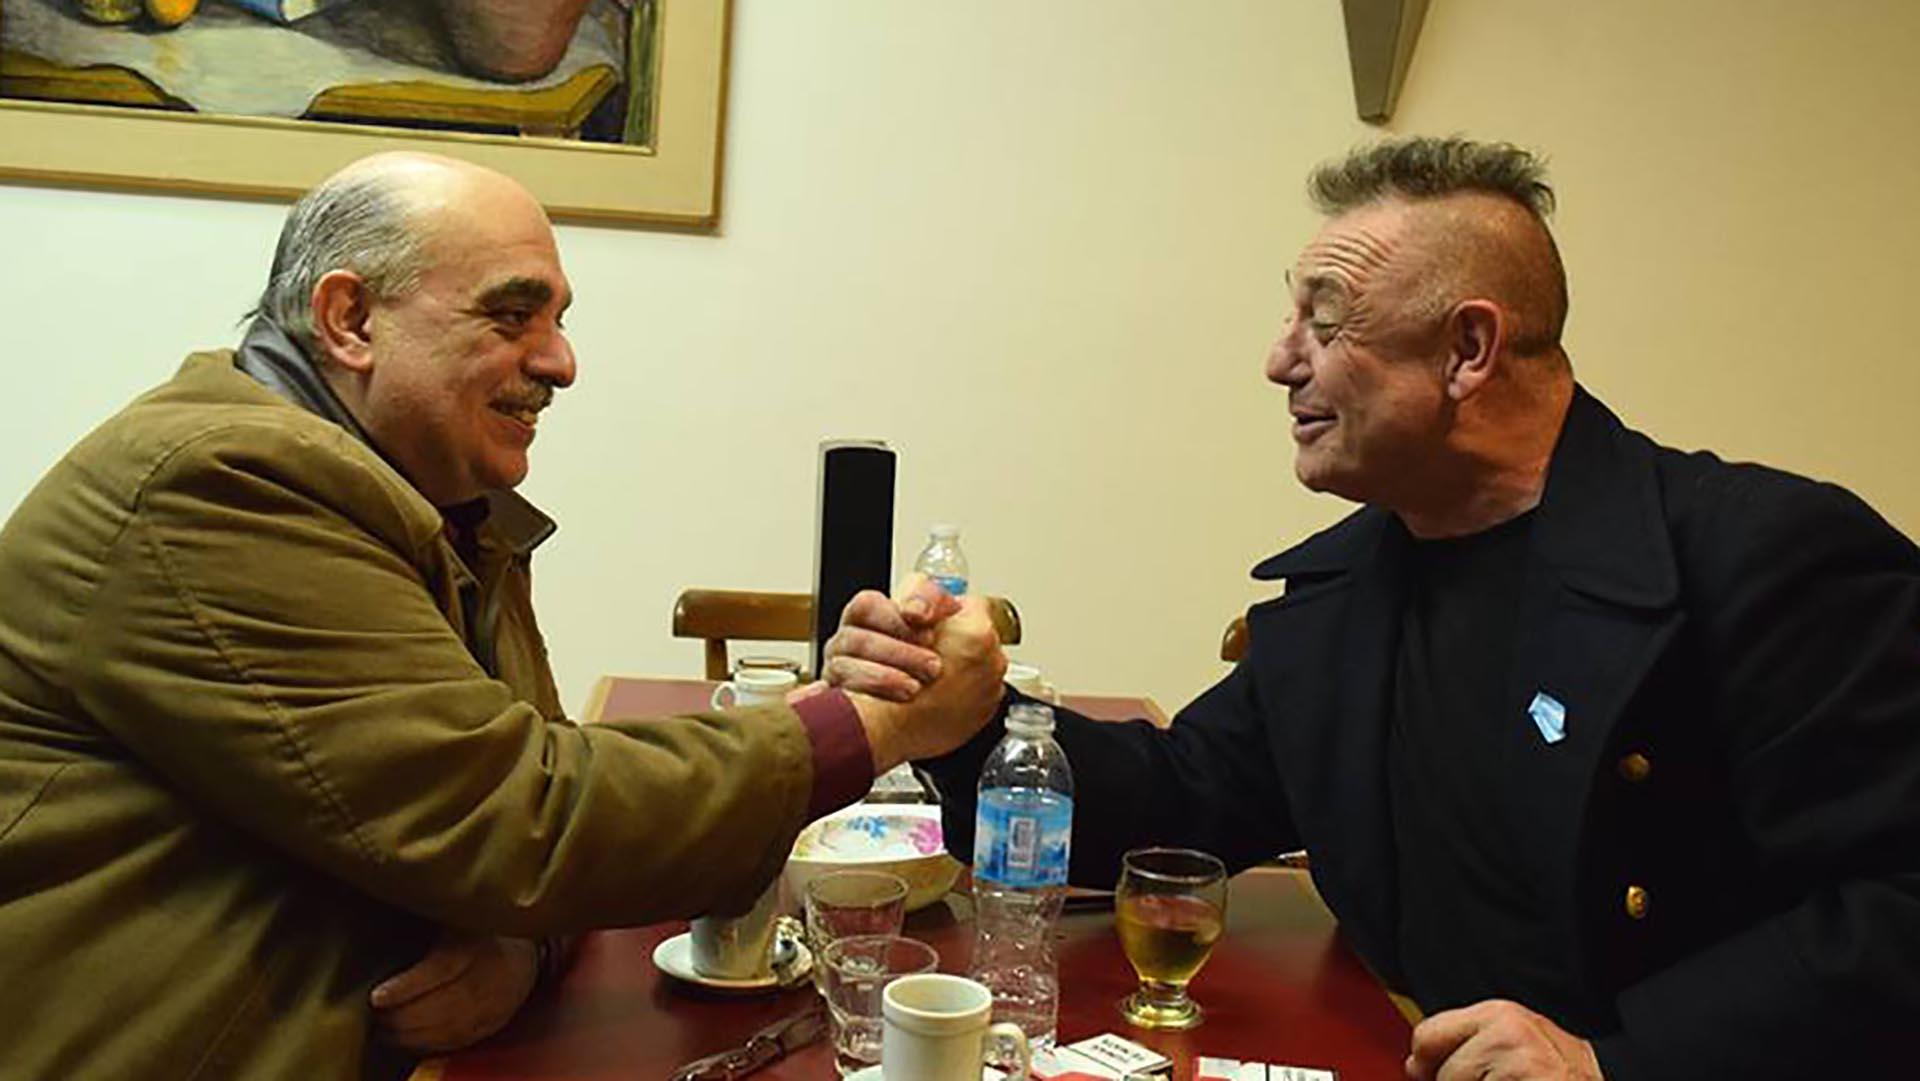 Polémico encuentro entre Ricardo Iorio y Alejandro Biondini. El músico y el dirigente ultraderechista se reunieron en Luján